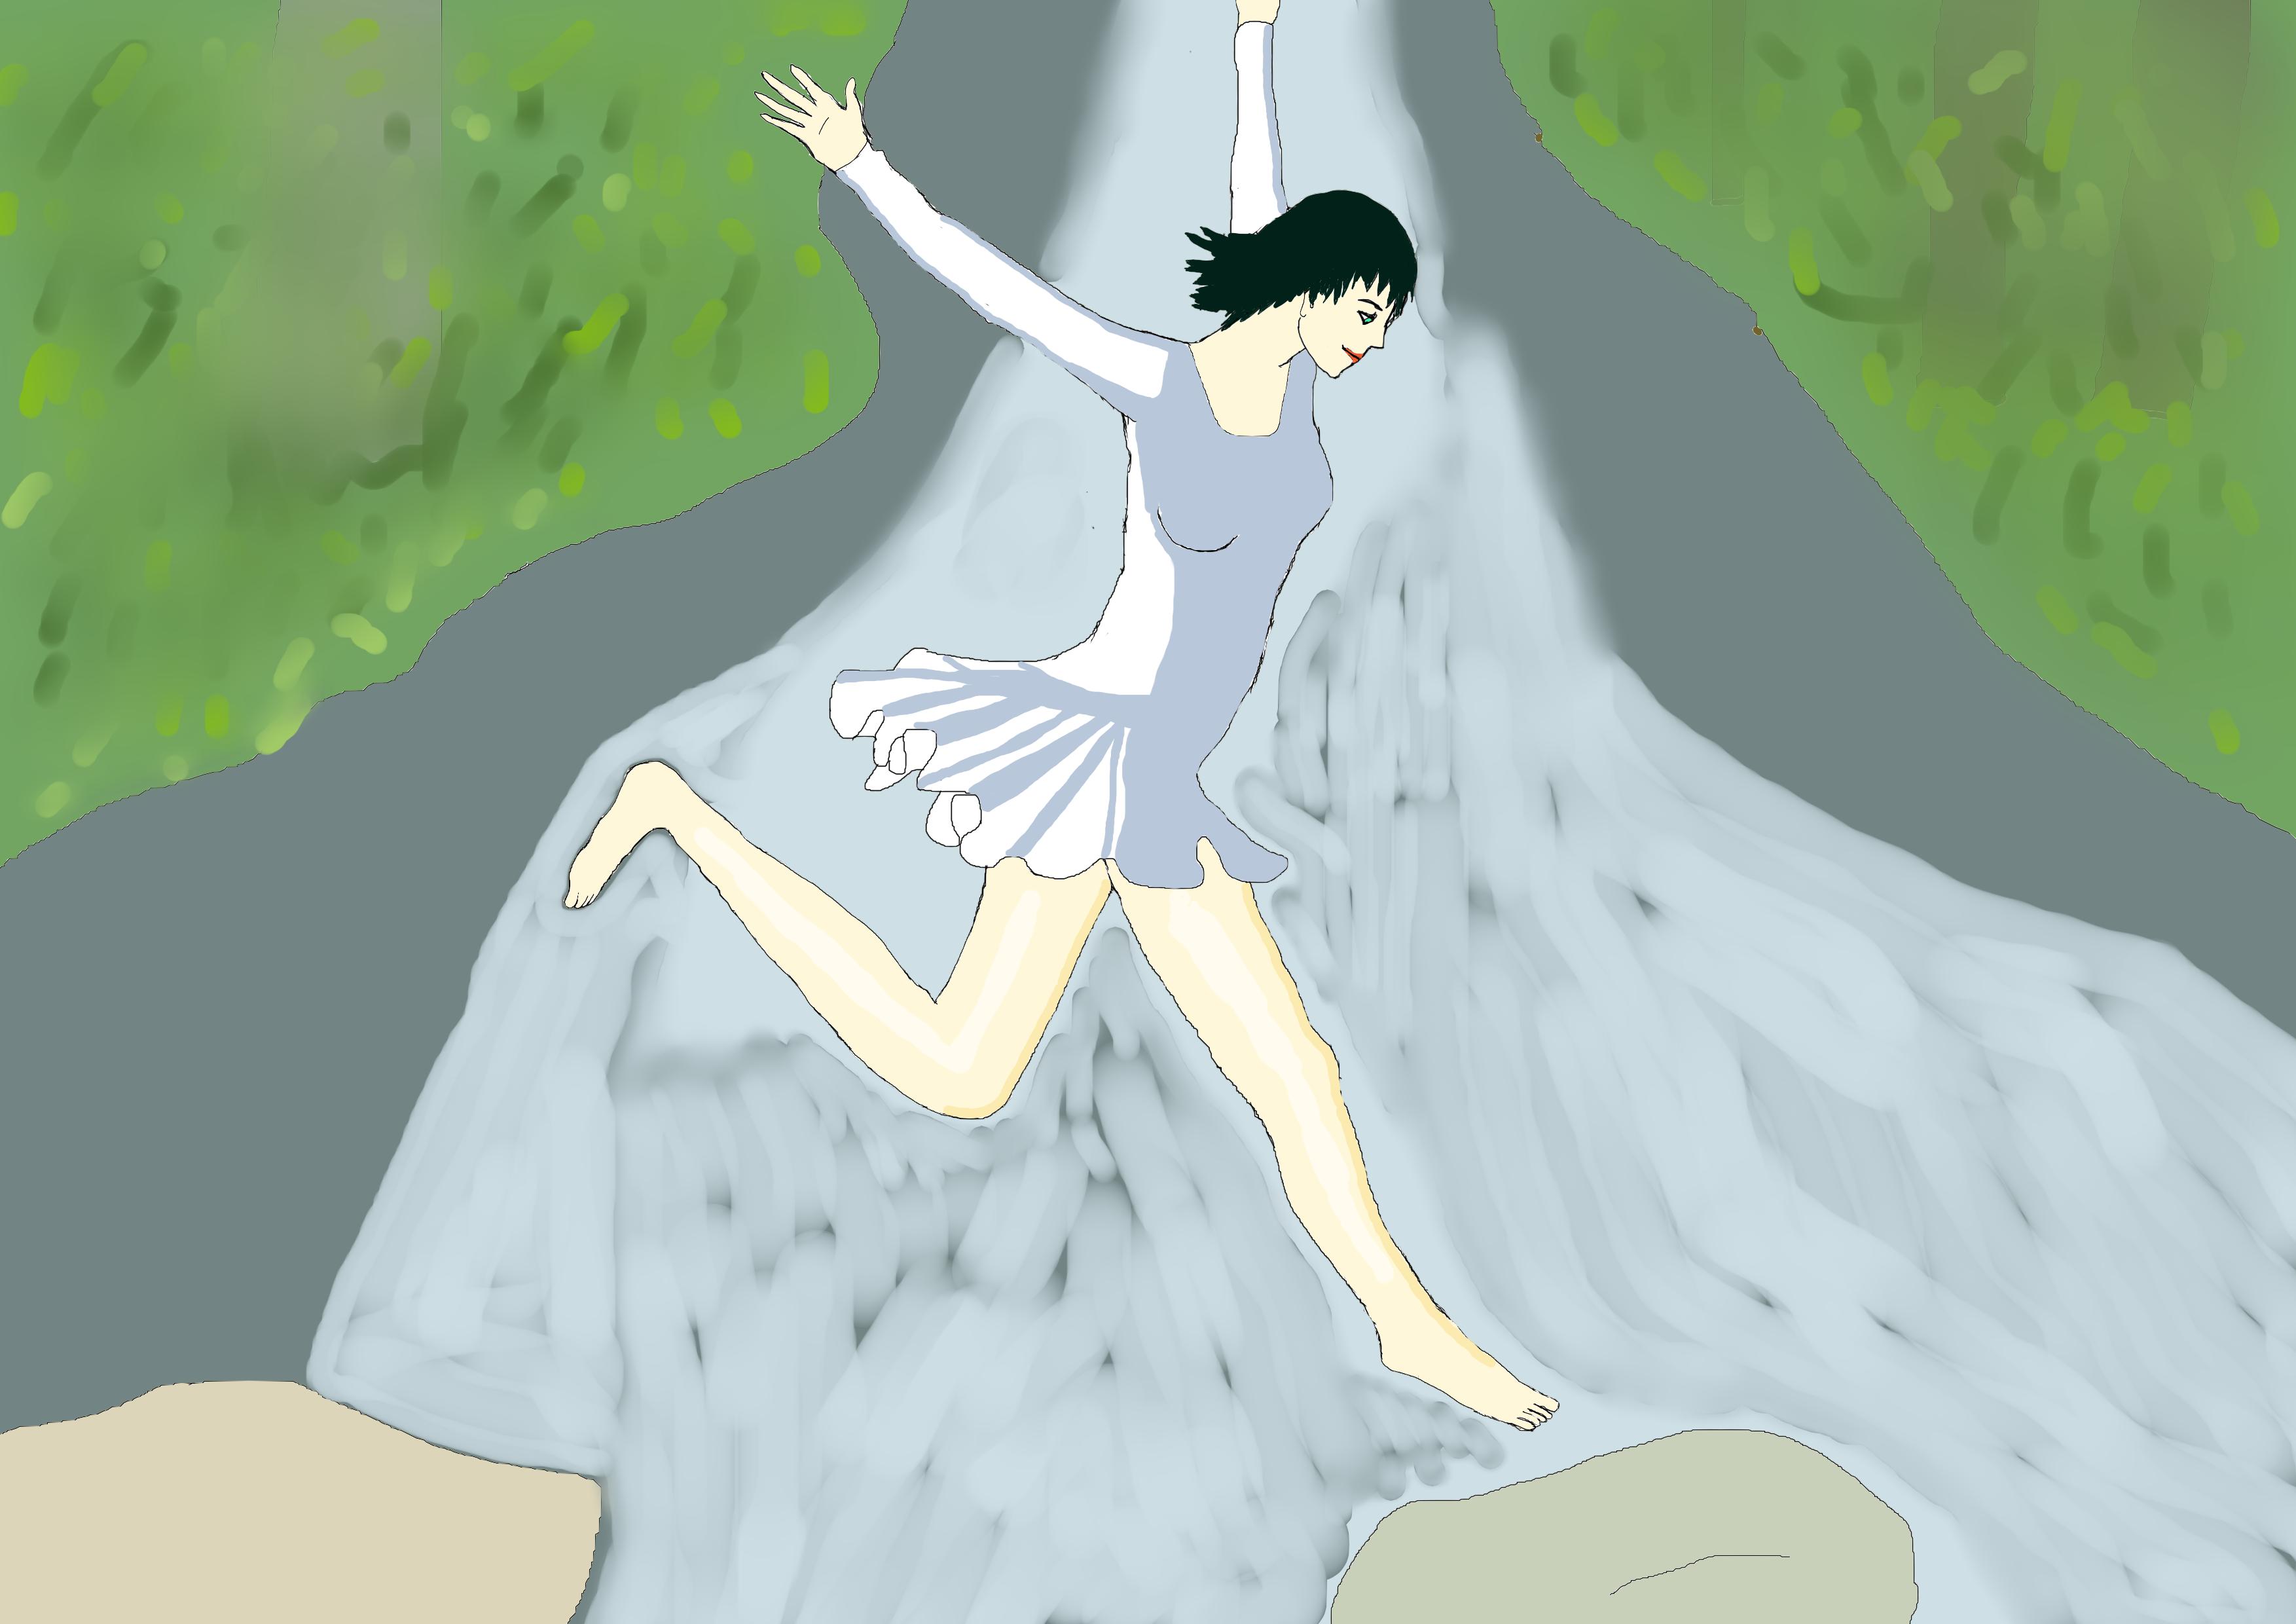 Animegirl5